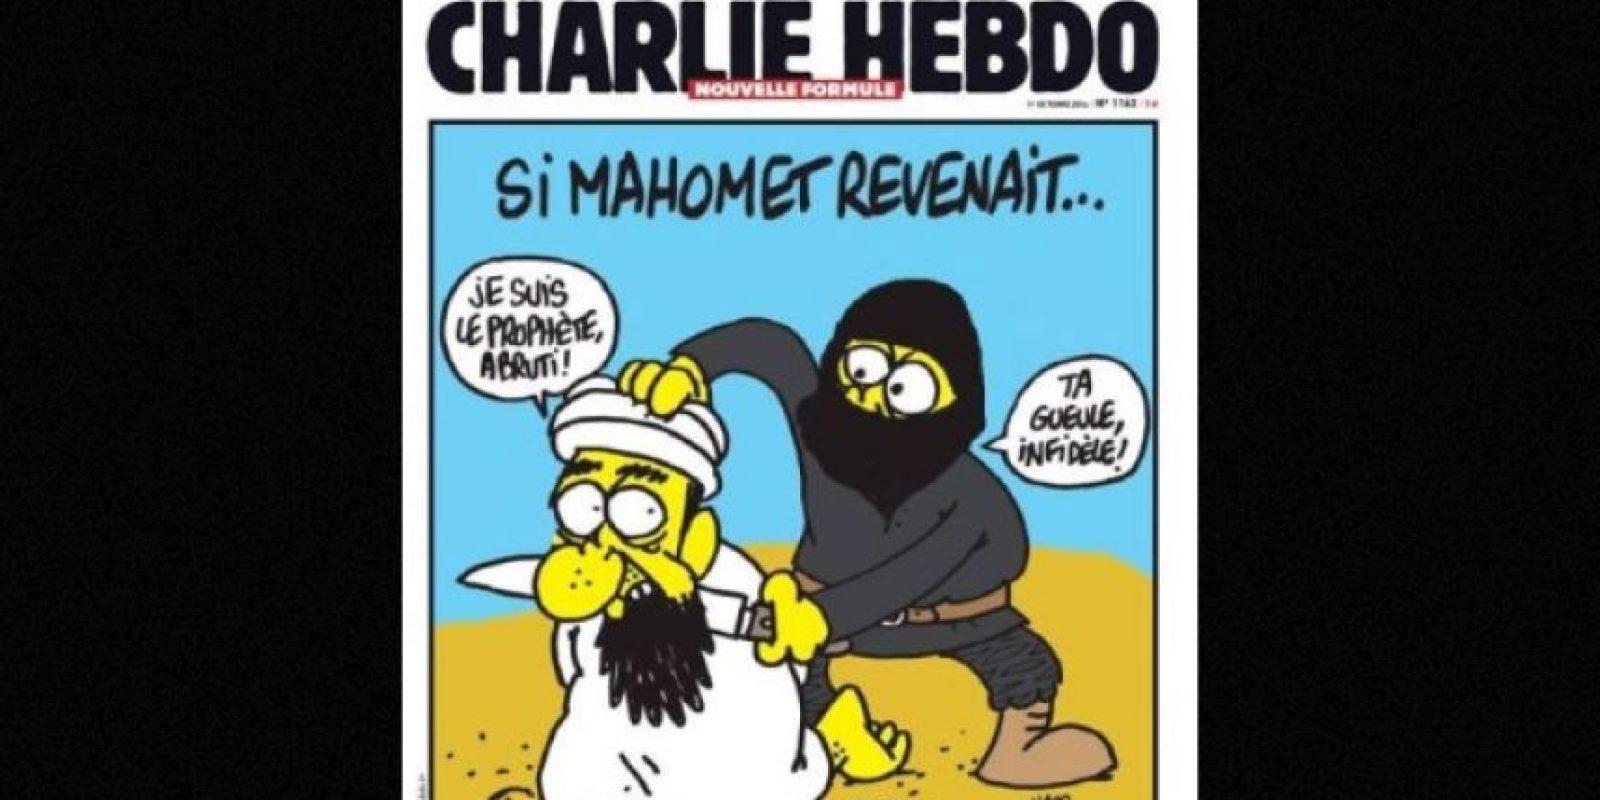 En esta imagen, un yihadista se muestra decapitando al propio profeta Mahoma Foto: Facebook: Charlie Hebdo Officiel